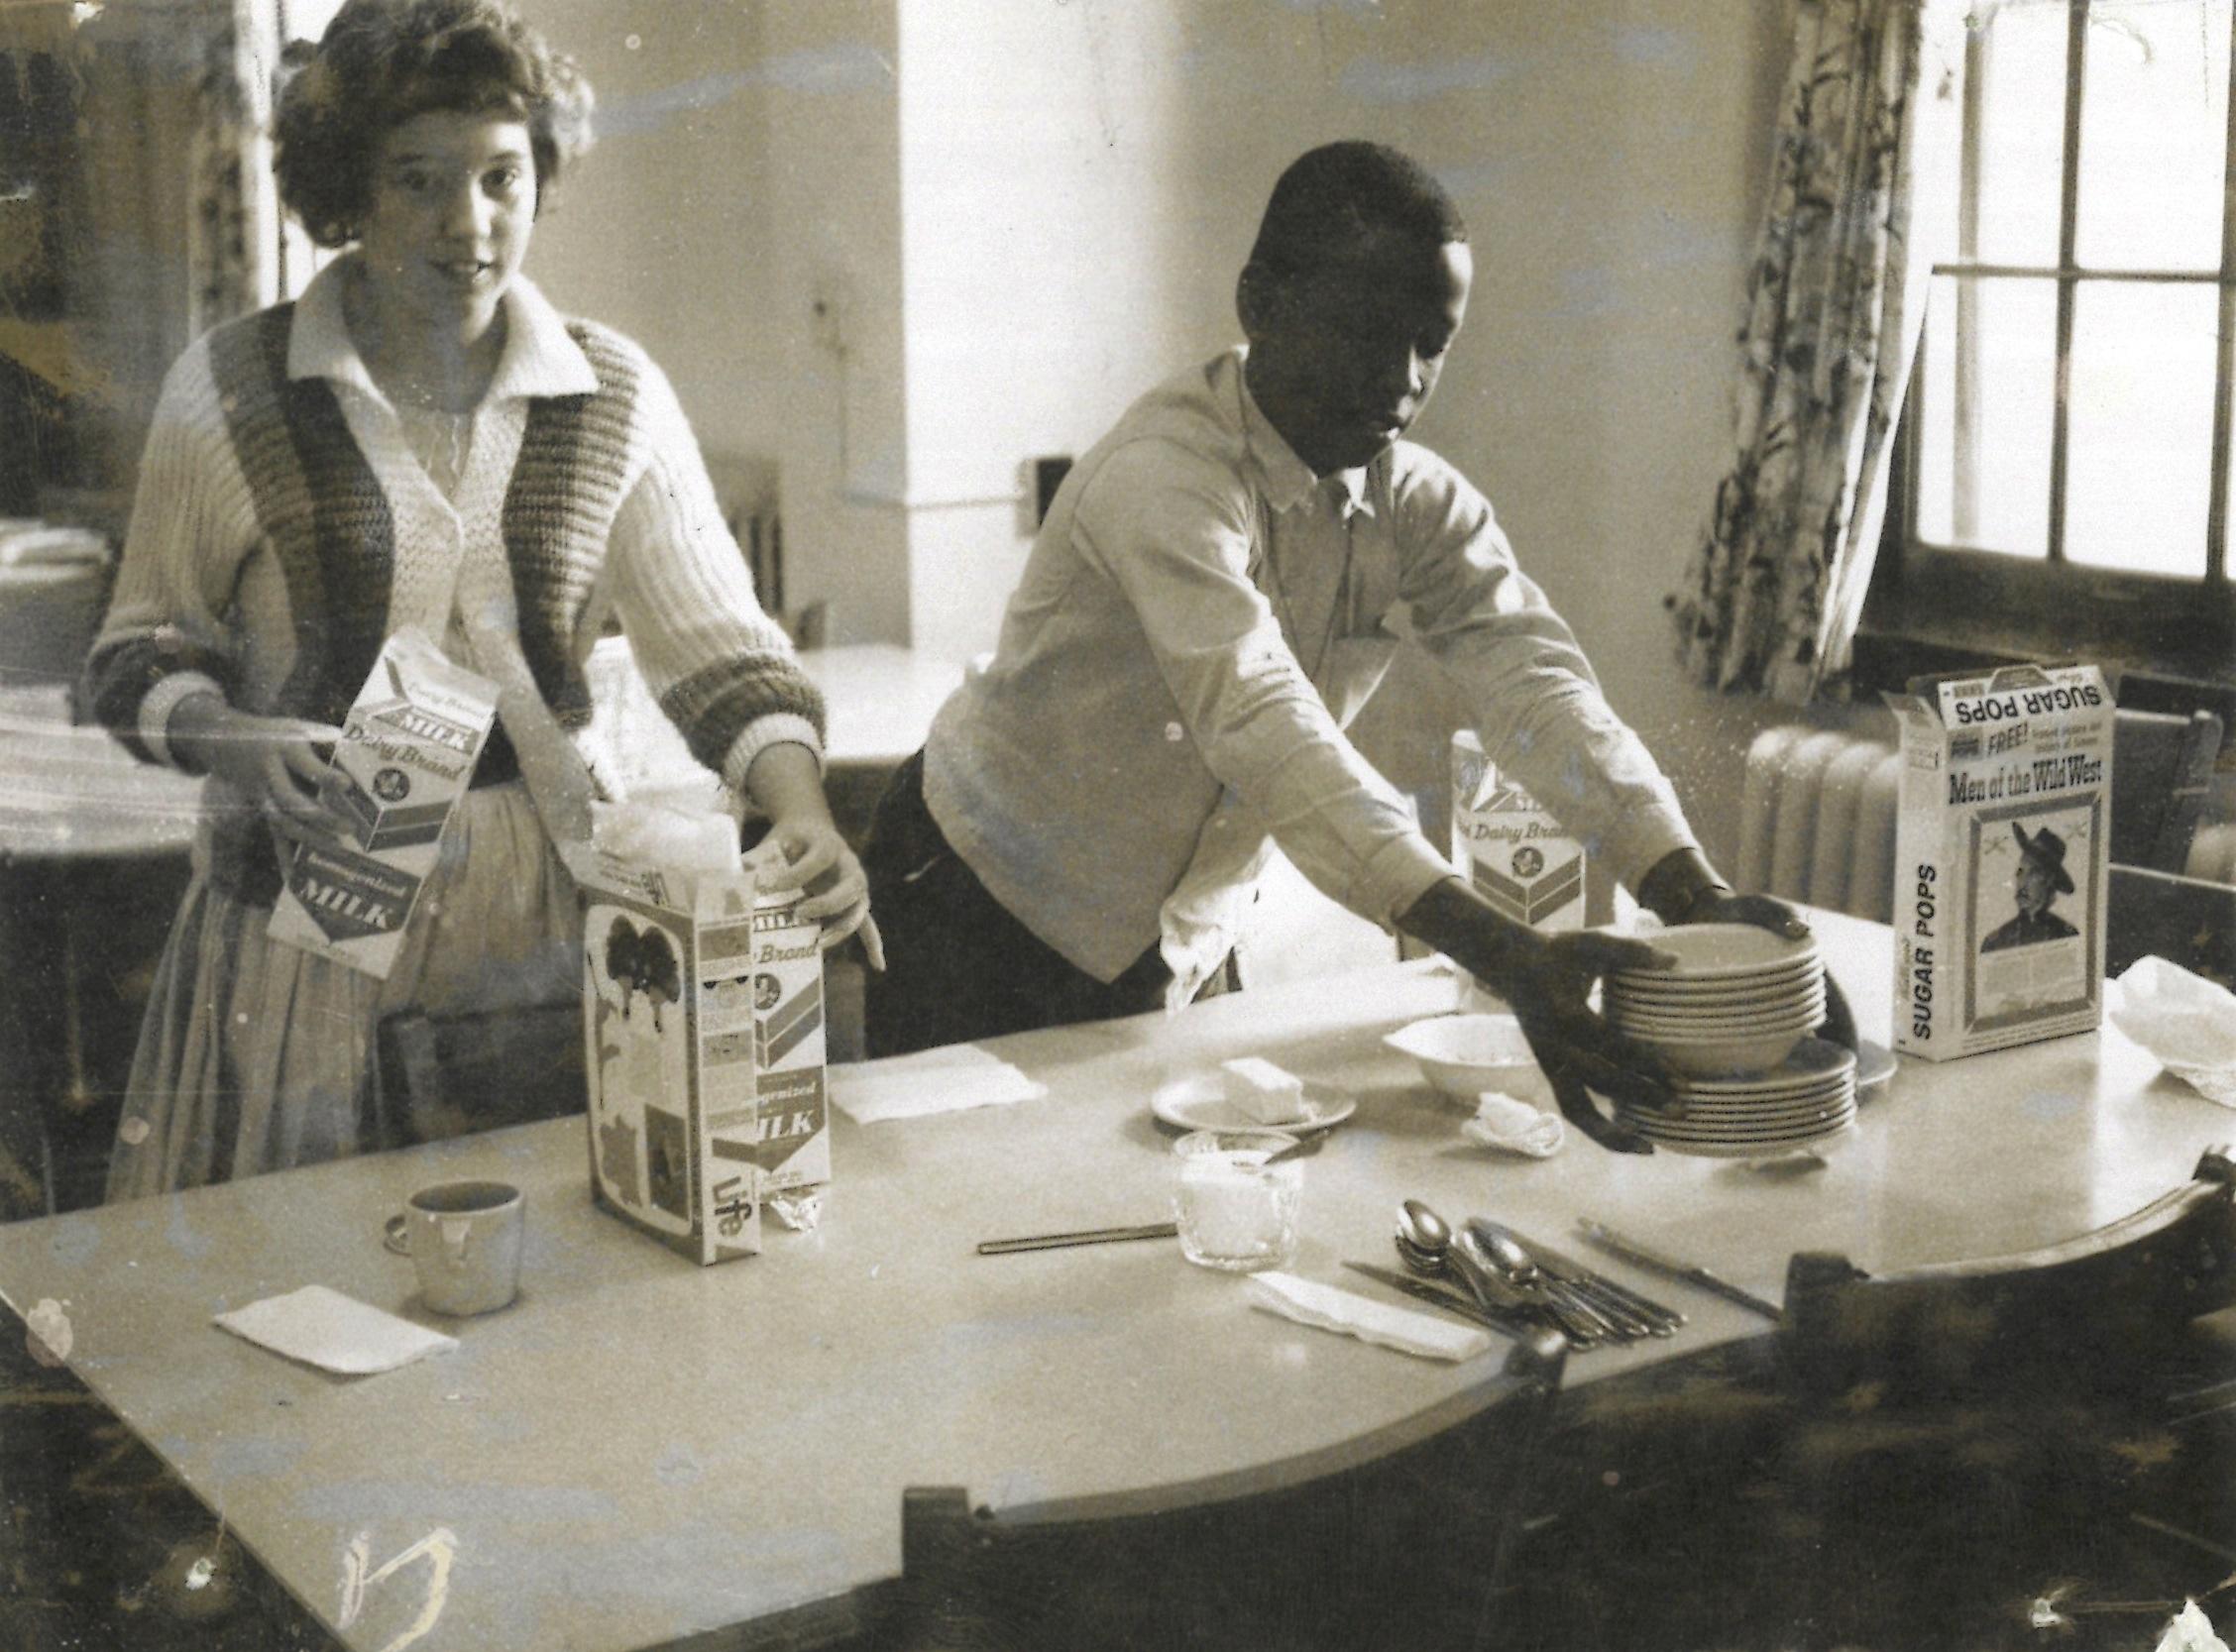 1960s breakfast